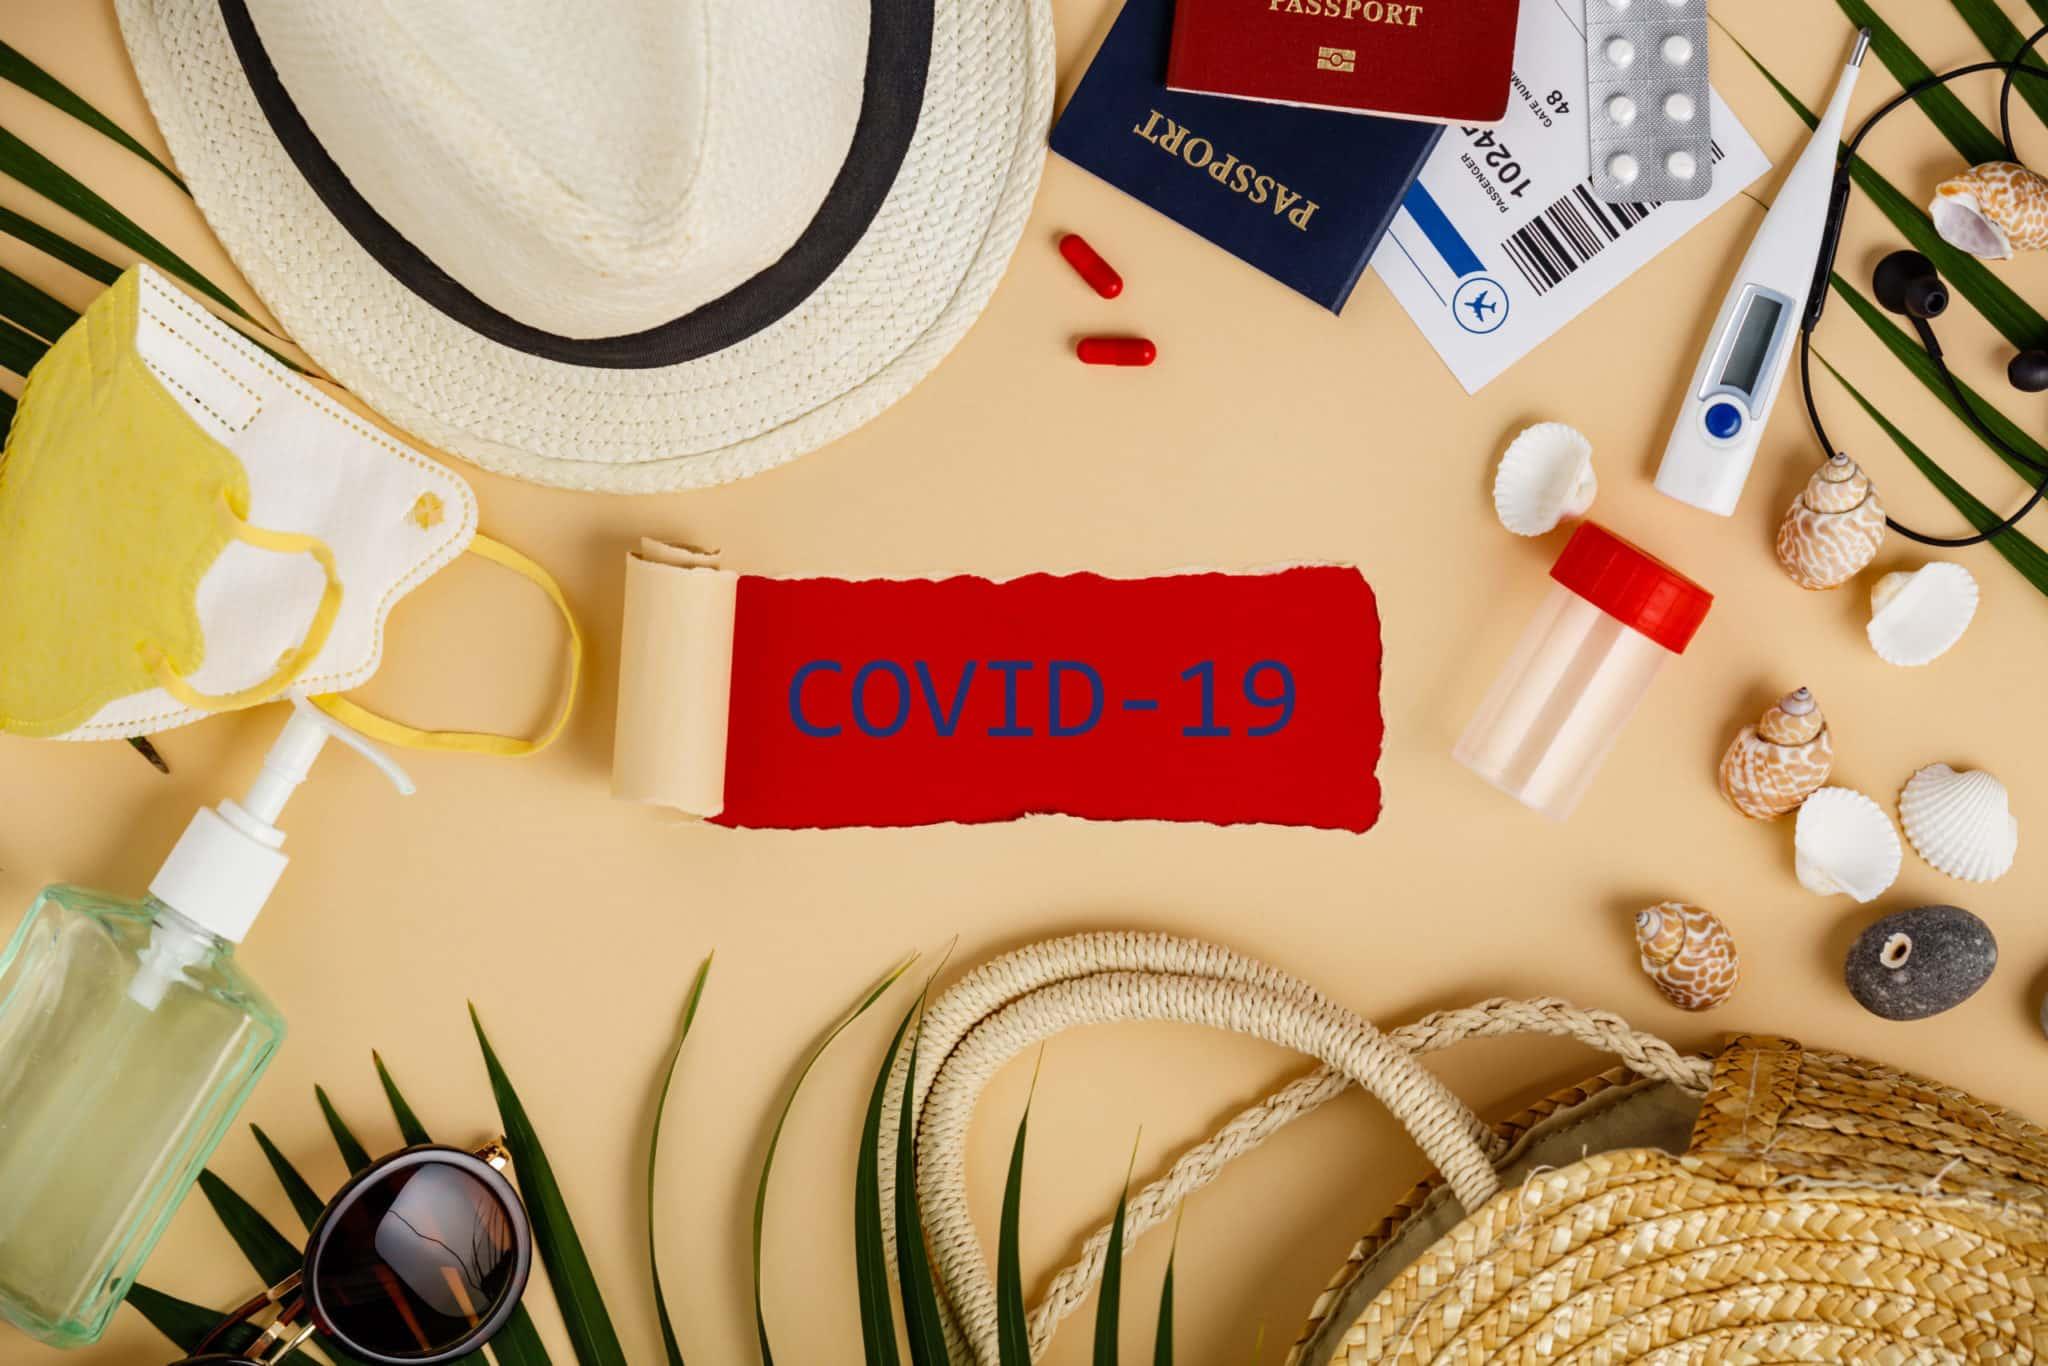 Read more about the article [Annulation voyage & Coronavirus] Annuler ou interrompre mon voyage gratuitement, c'est possible ?